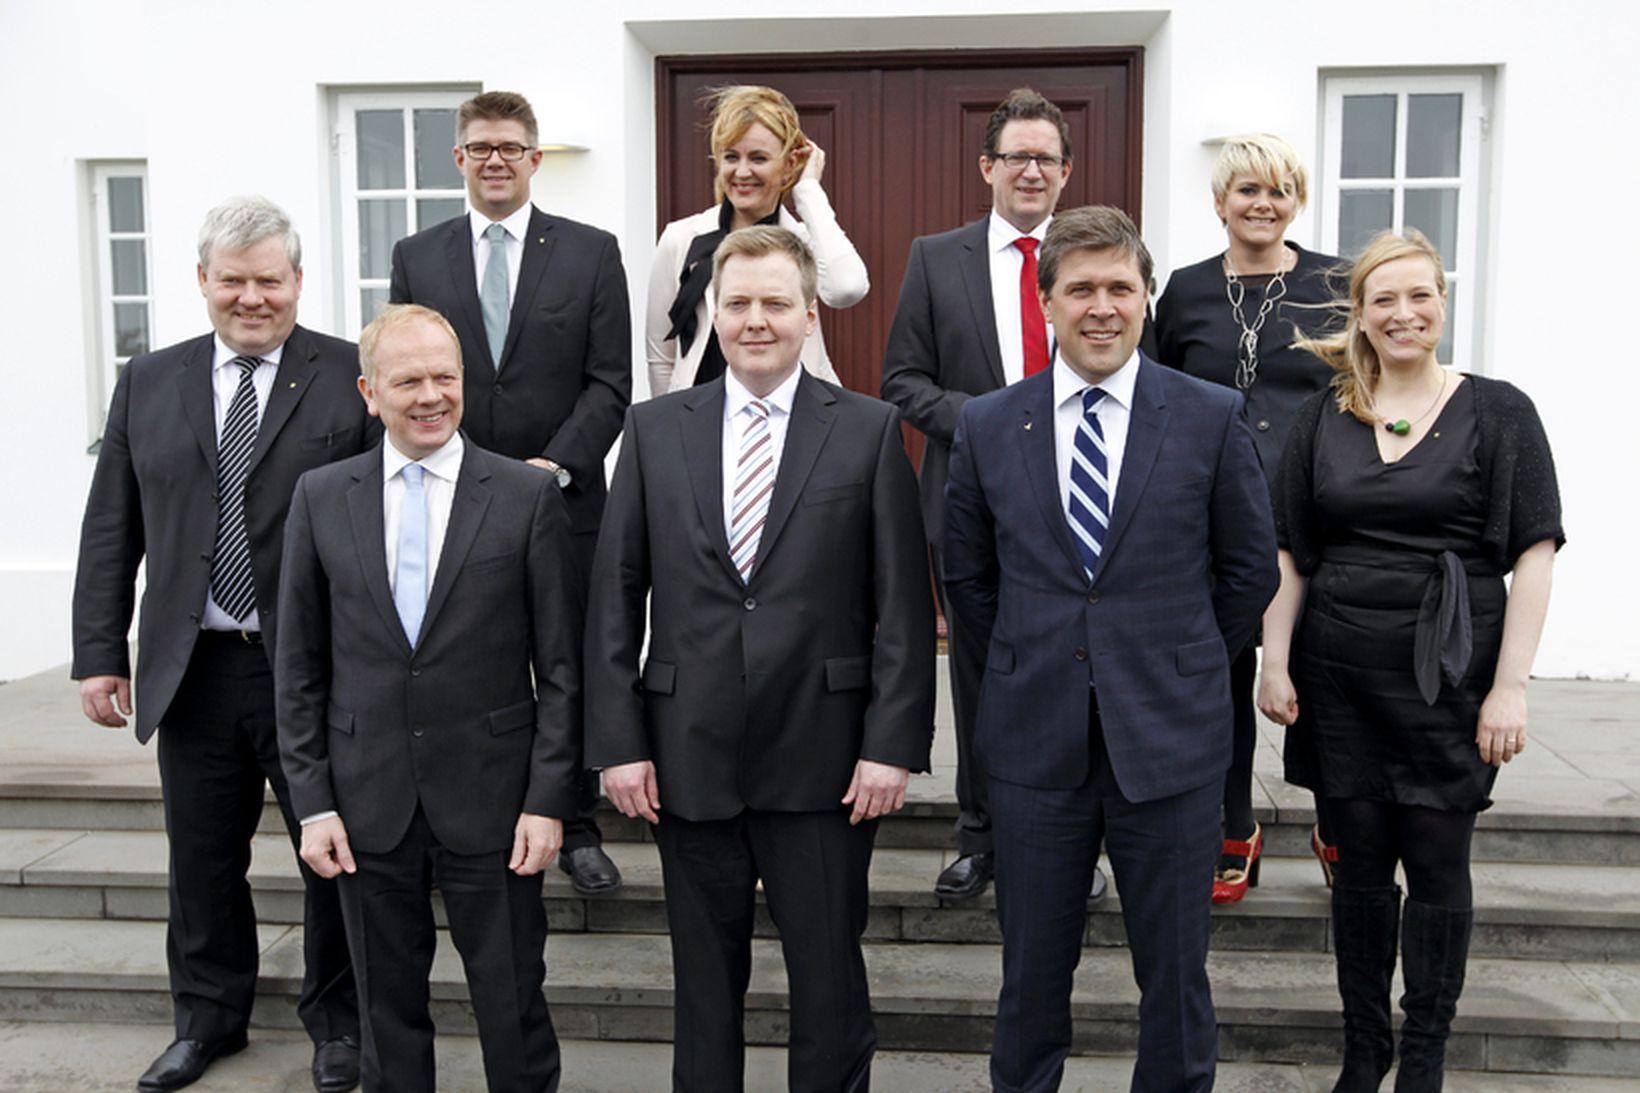 Ríkisstjórn Sigmundar Davíðs Gunnlaugssonar.